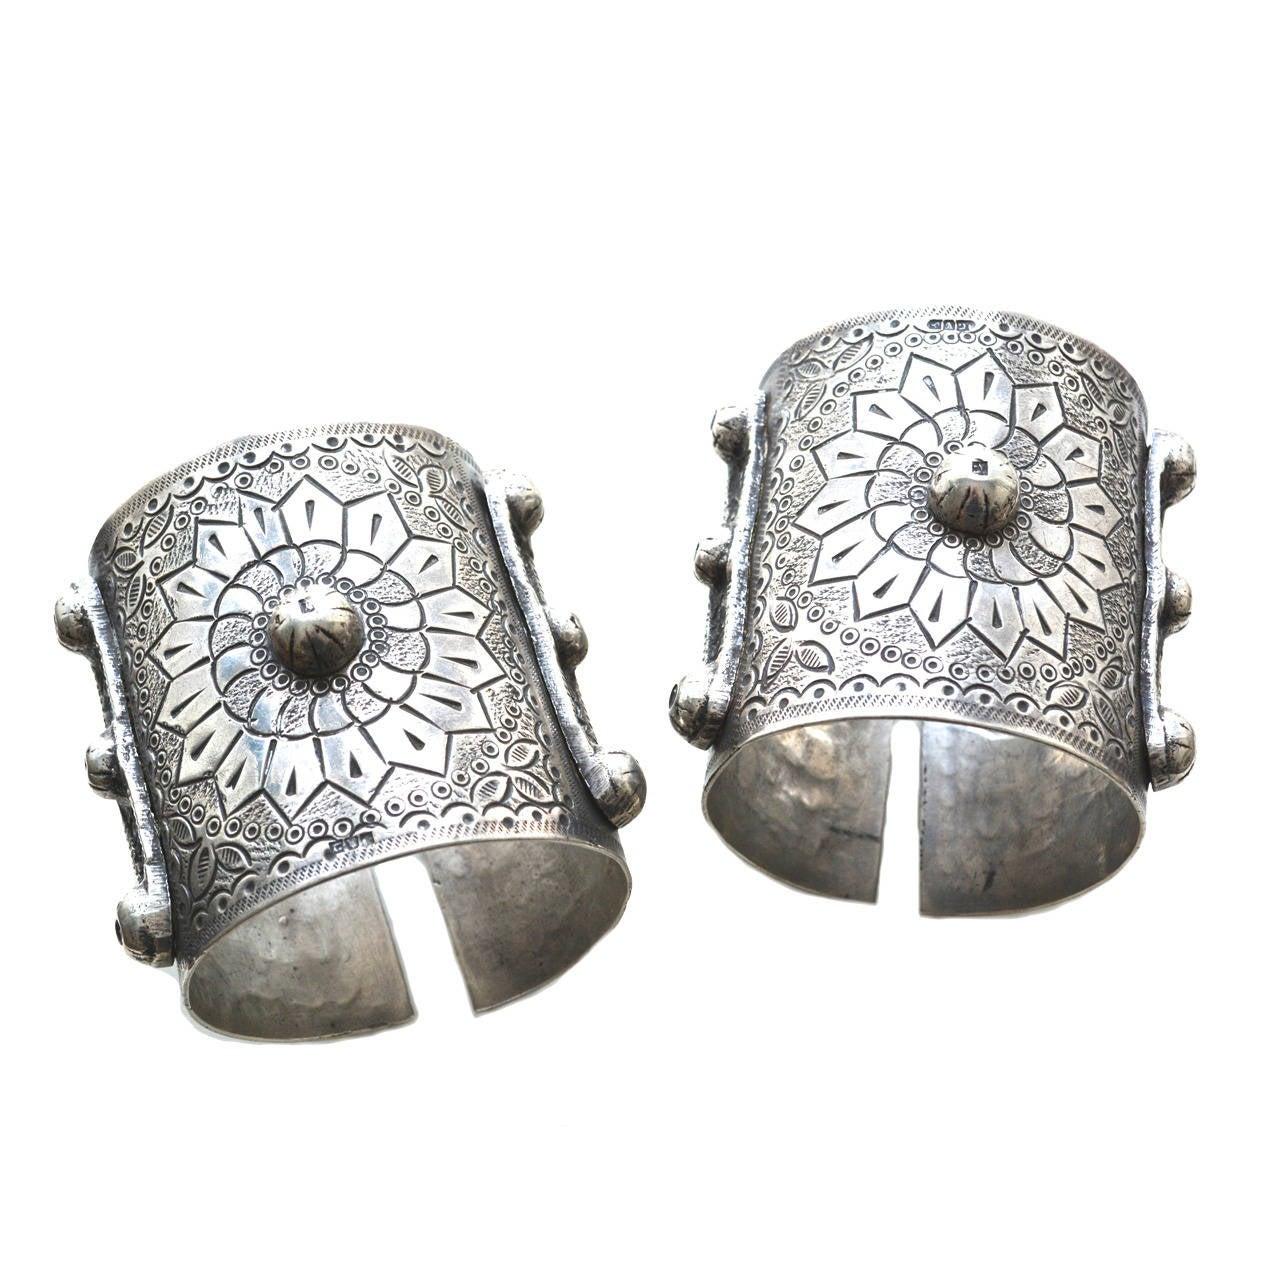 Egyptian 900 Silver Cuffs / Bedouin Armor Bracelets / Siwa Oasis 1